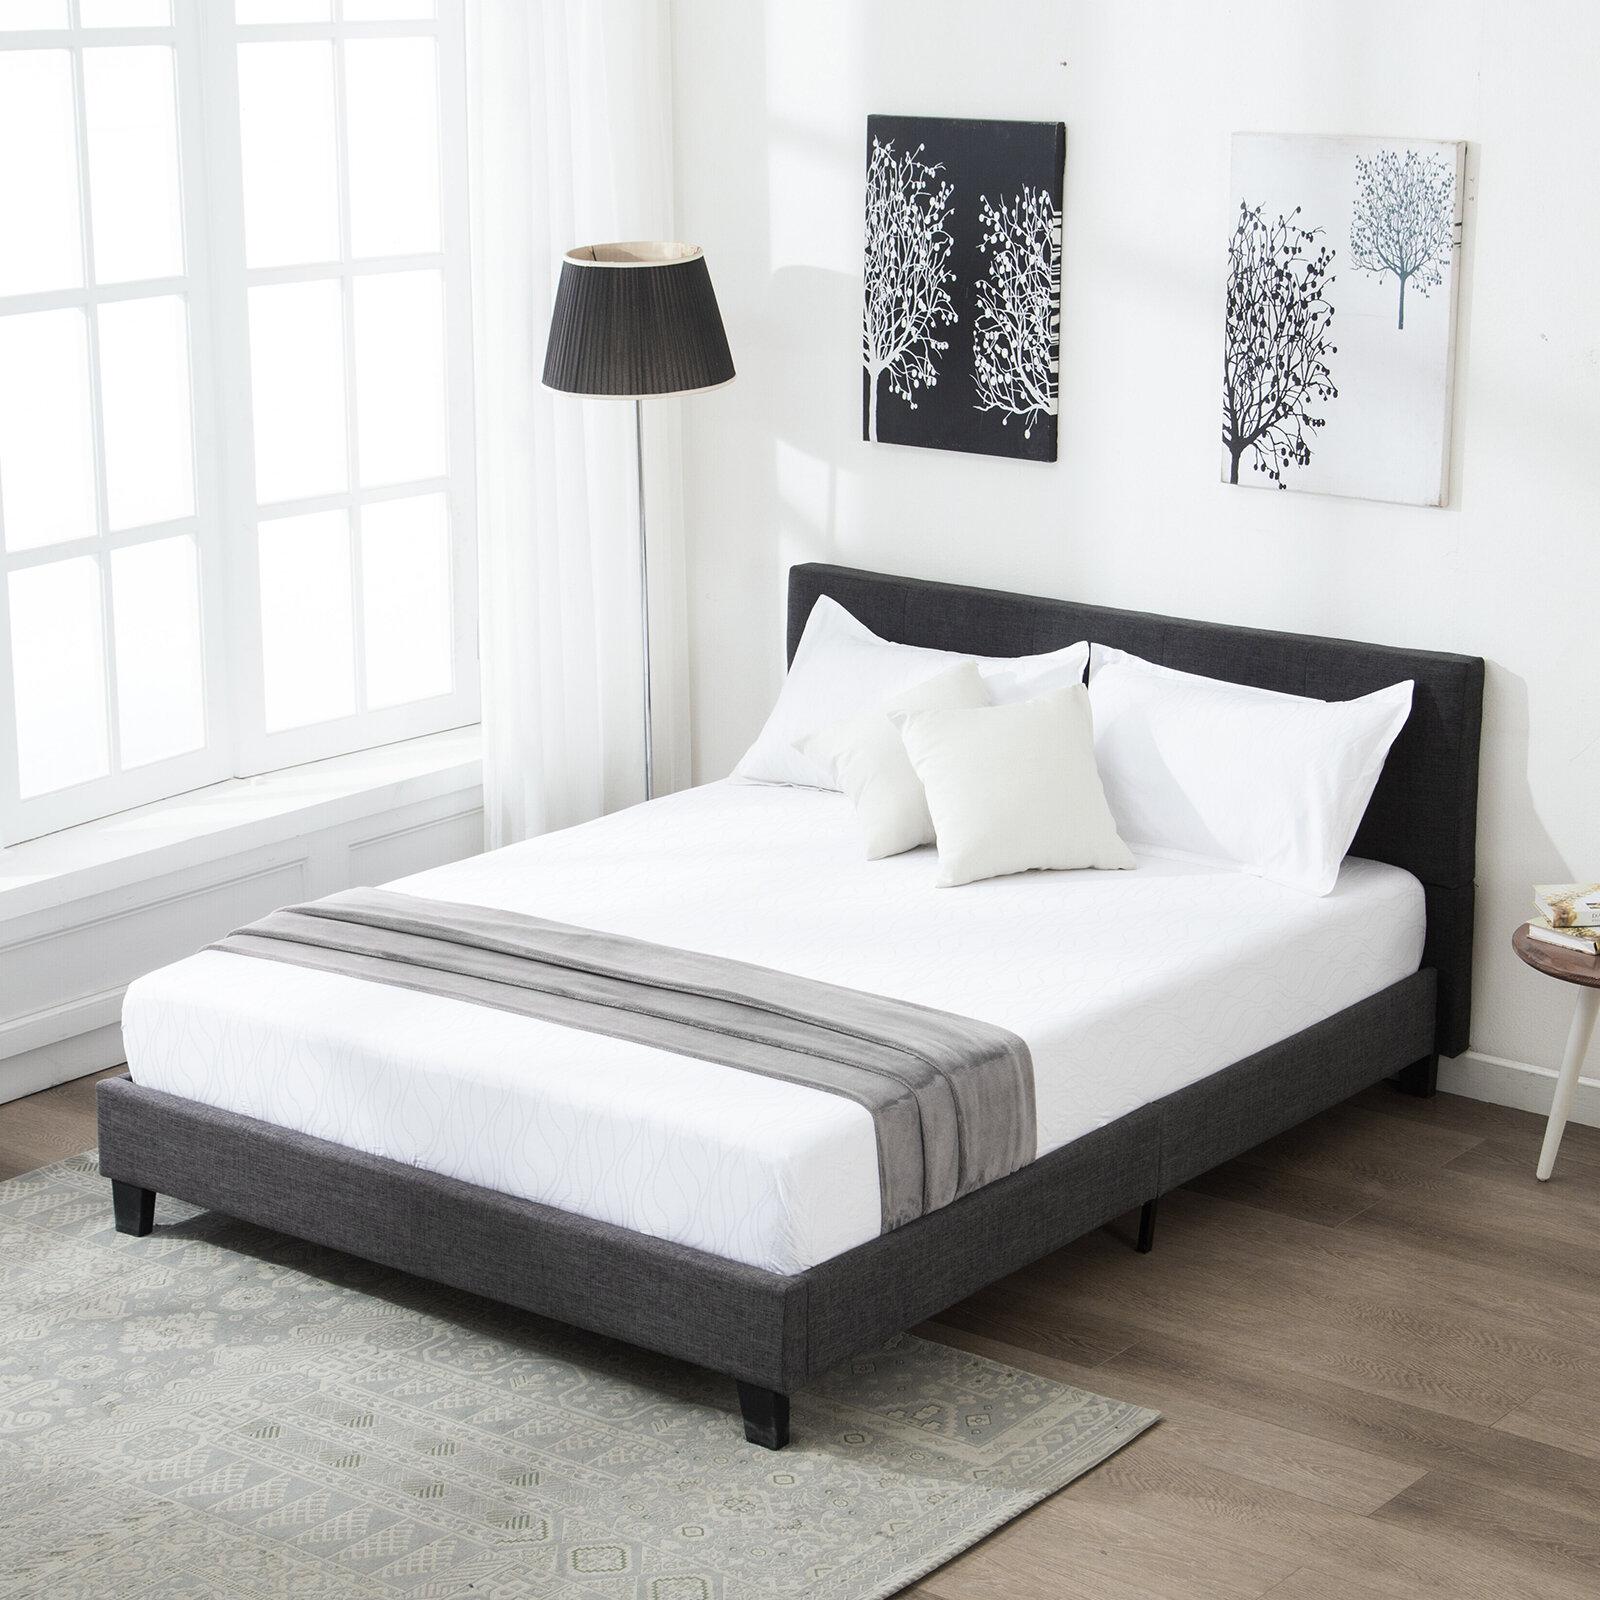 Lax Series Platform Bed moison upholstered platform bed